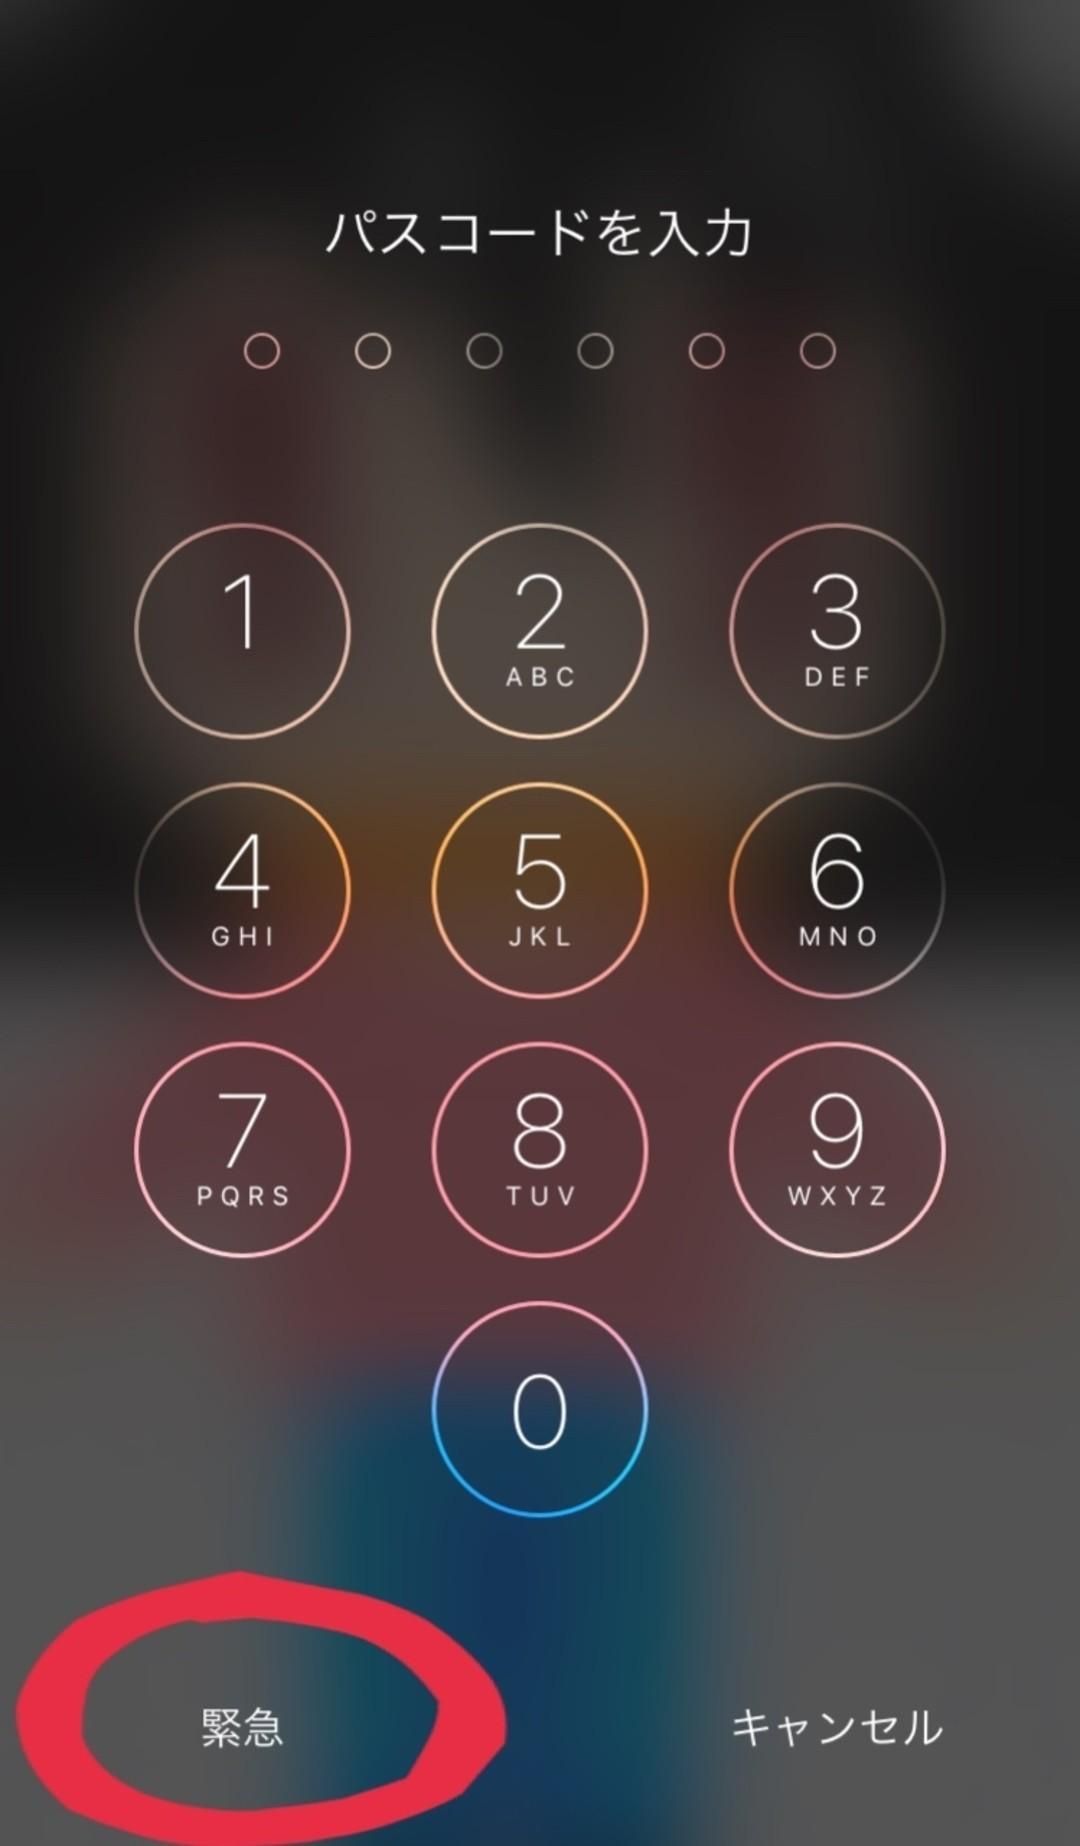 そう、「メディカルID」はロックを開かずに確認できる!